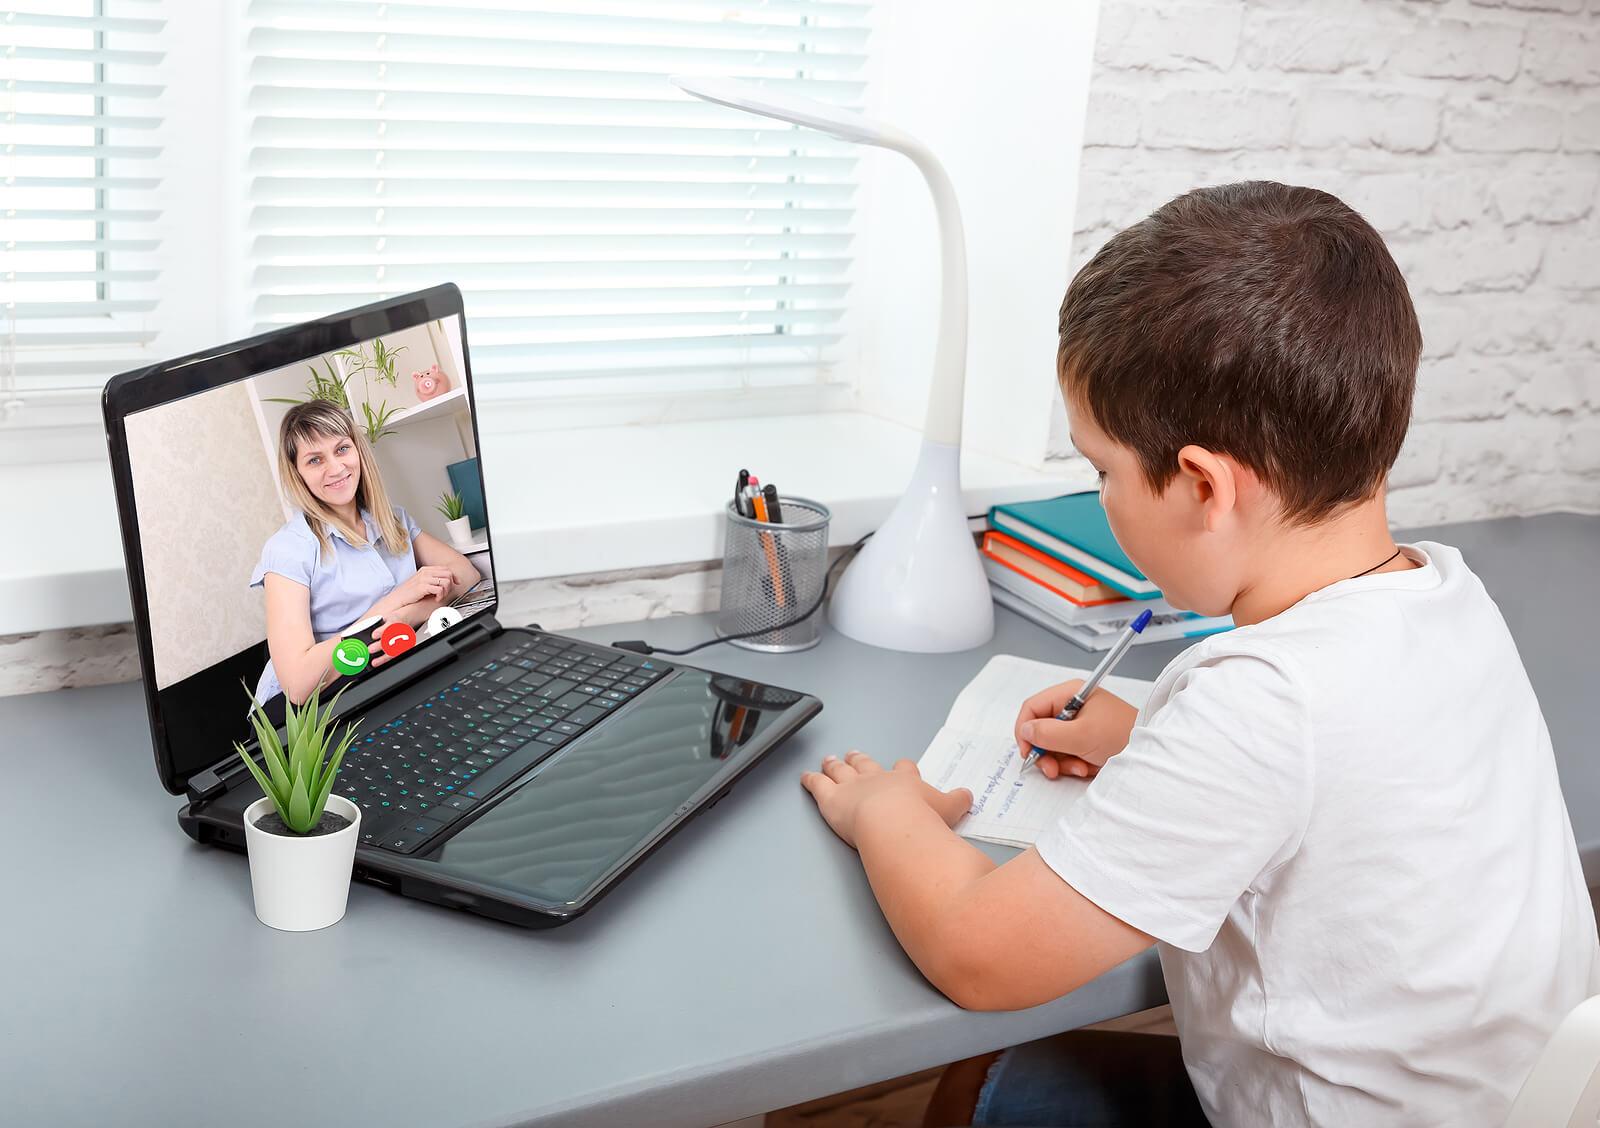 Niño en clases online debido a que está recibiendo una formación blended learning.